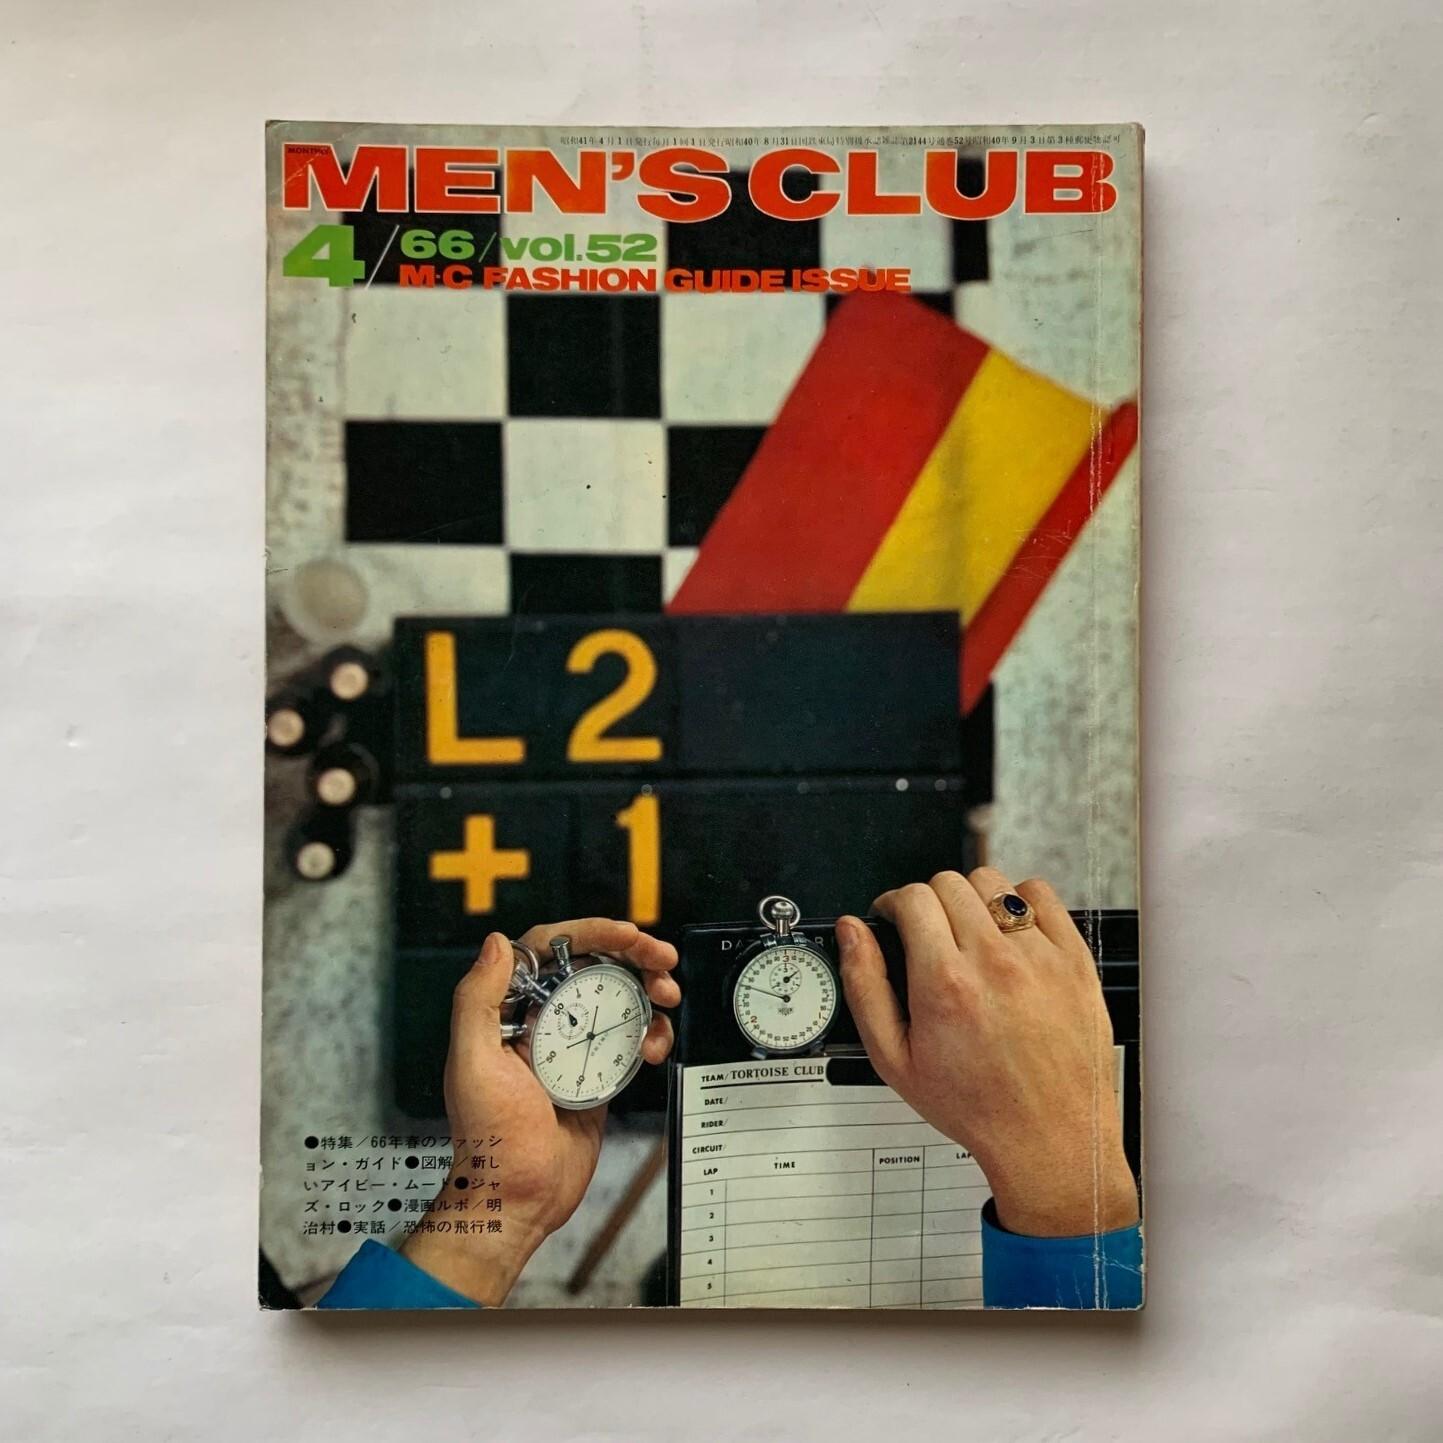 MEN'S CLUB メンズクラブ 52号  /  婦人画報社  /  1966年